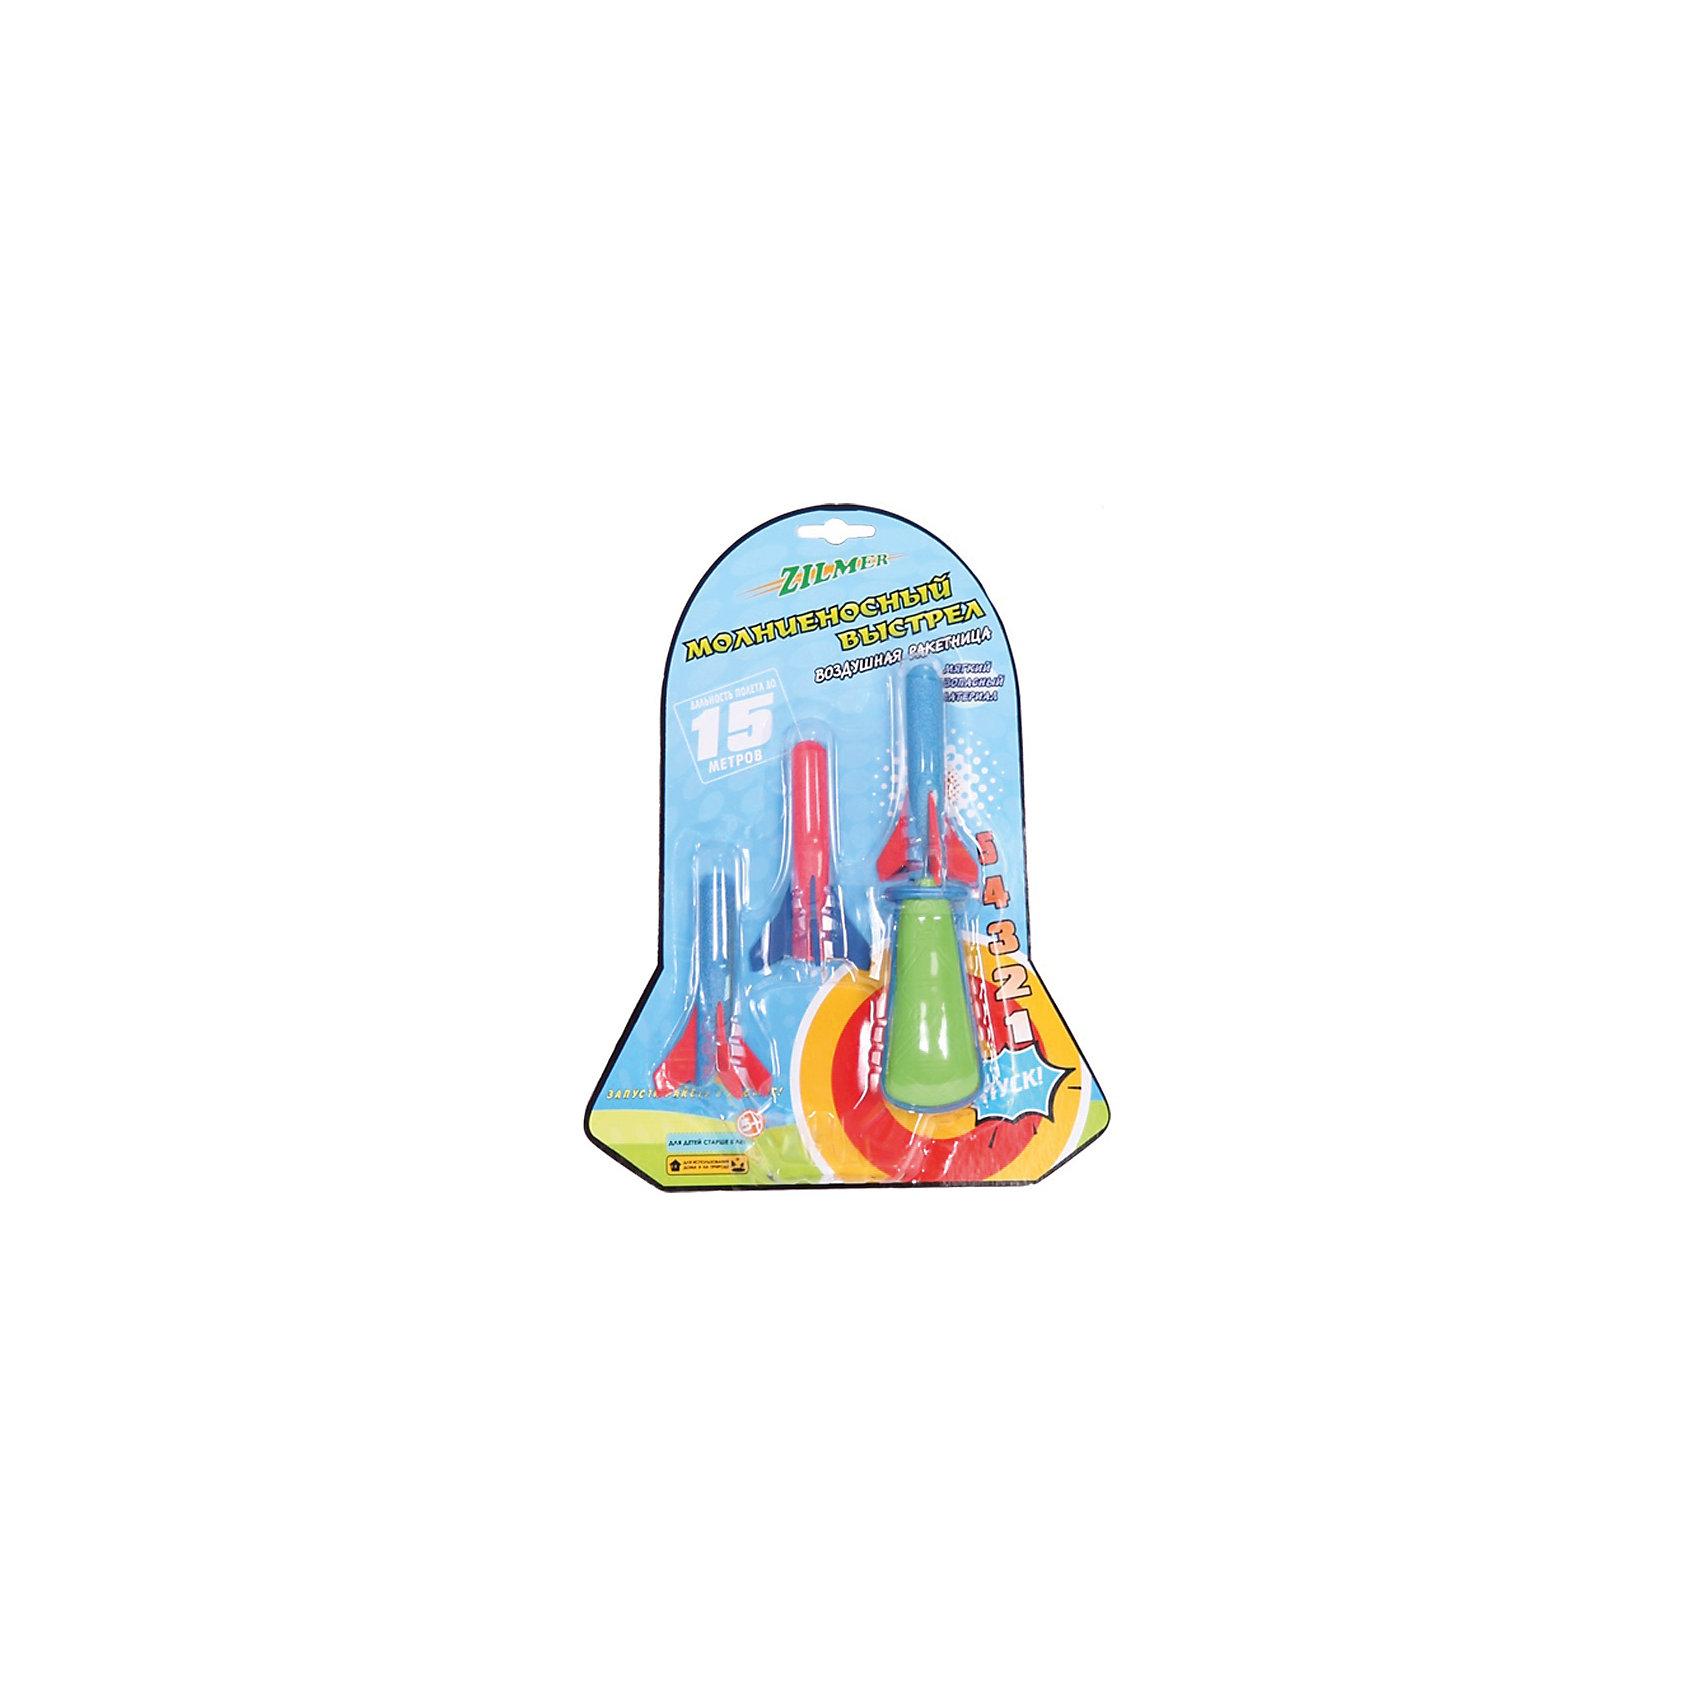 Воздушная ракетница Молниеносный выстрел, 3 ракеты, ZilmerИгрушечное оружие<br>Воздушная ракетница Молниеносный выстрел, Zilmer - прекрасный вариант для активных игр на улице. Набор выполнен в ярком красочном дизайне, ракетница имеет удобную форму и хорошо помещается в руке. Стреляет мягкими безопасными ракетами из качественного экологичного материала (в комплекте три ракеты). Вставьте ракету в ствол ракетницы и крепко сожмите ручку. Чем сильнее Вы сожмете воздушное оружие, тем выше и быстрее полетит патрон. Дальность стрельбы - до 10 метров. Игрушка развивает зрительно-тактильное восприятие, меткость, ловкость, внимательность и мелкую моторику.<br><br>Дополнительная информация:<br><br>- В комплекте: воздушная ракетница, 3 ракеты.<br>- Материал: пластик, поролон Eva. <br>- Длина ракеты: 9 см.<br>- Размер упаковки: 23 х 24 х 4,7 см.<br>- Вес: 104 гр.<br> <br>Воздушную ракетницу Молниеносный выстрел, 3 ракеты, Zilmer, можно купить в нашем интернет-магазине.<br><br>Ширина мм: 230<br>Глубина мм: 240<br>Высота мм: 47<br>Вес г: 104<br>Возраст от месяцев: 36<br>Возраст до месяцев: 72<br>Пол: Мужской<br>Возраст: Детский<br>SKU: 4622211